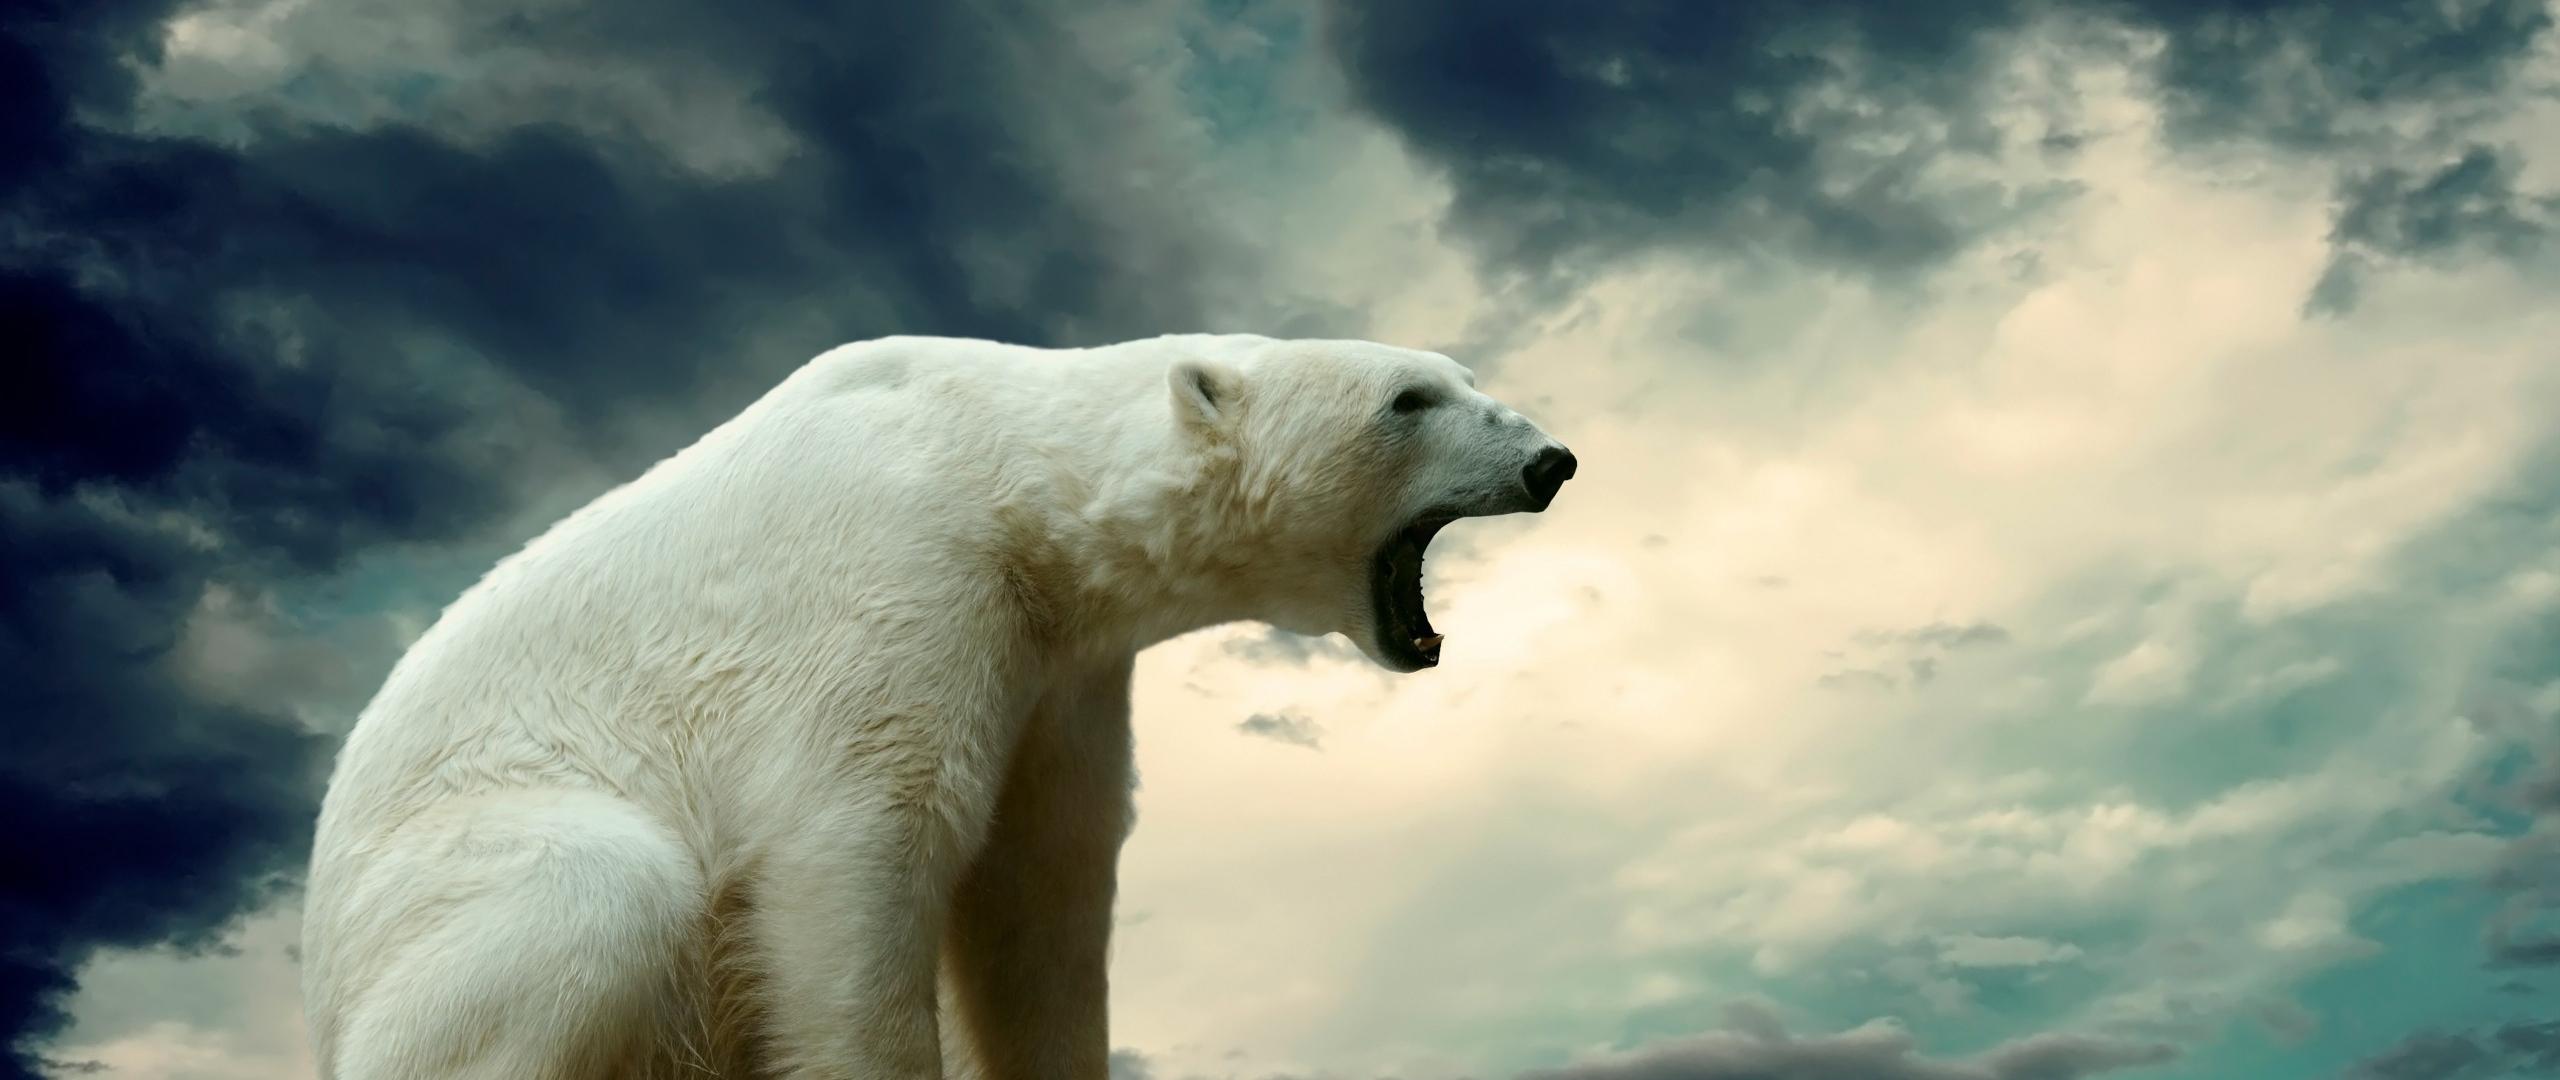 Советник автоматической торговли White Bear